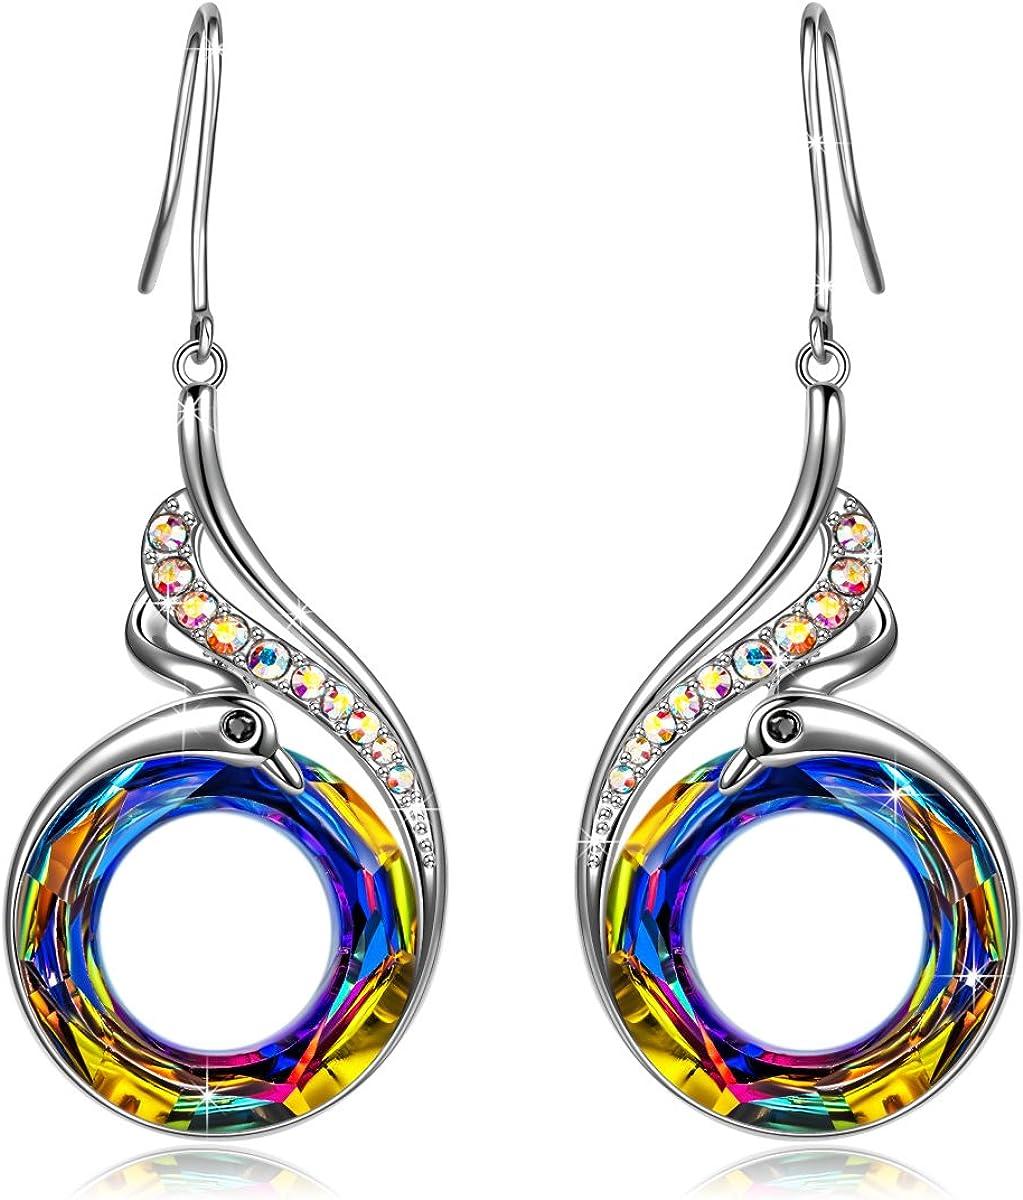 Kate Lynn - Nirvana de Fénix - Pendientes, Simbolizando la Suerte y la Renovación, Cristales de Swarovski, Diseño Original, Elegante caja de Regalo